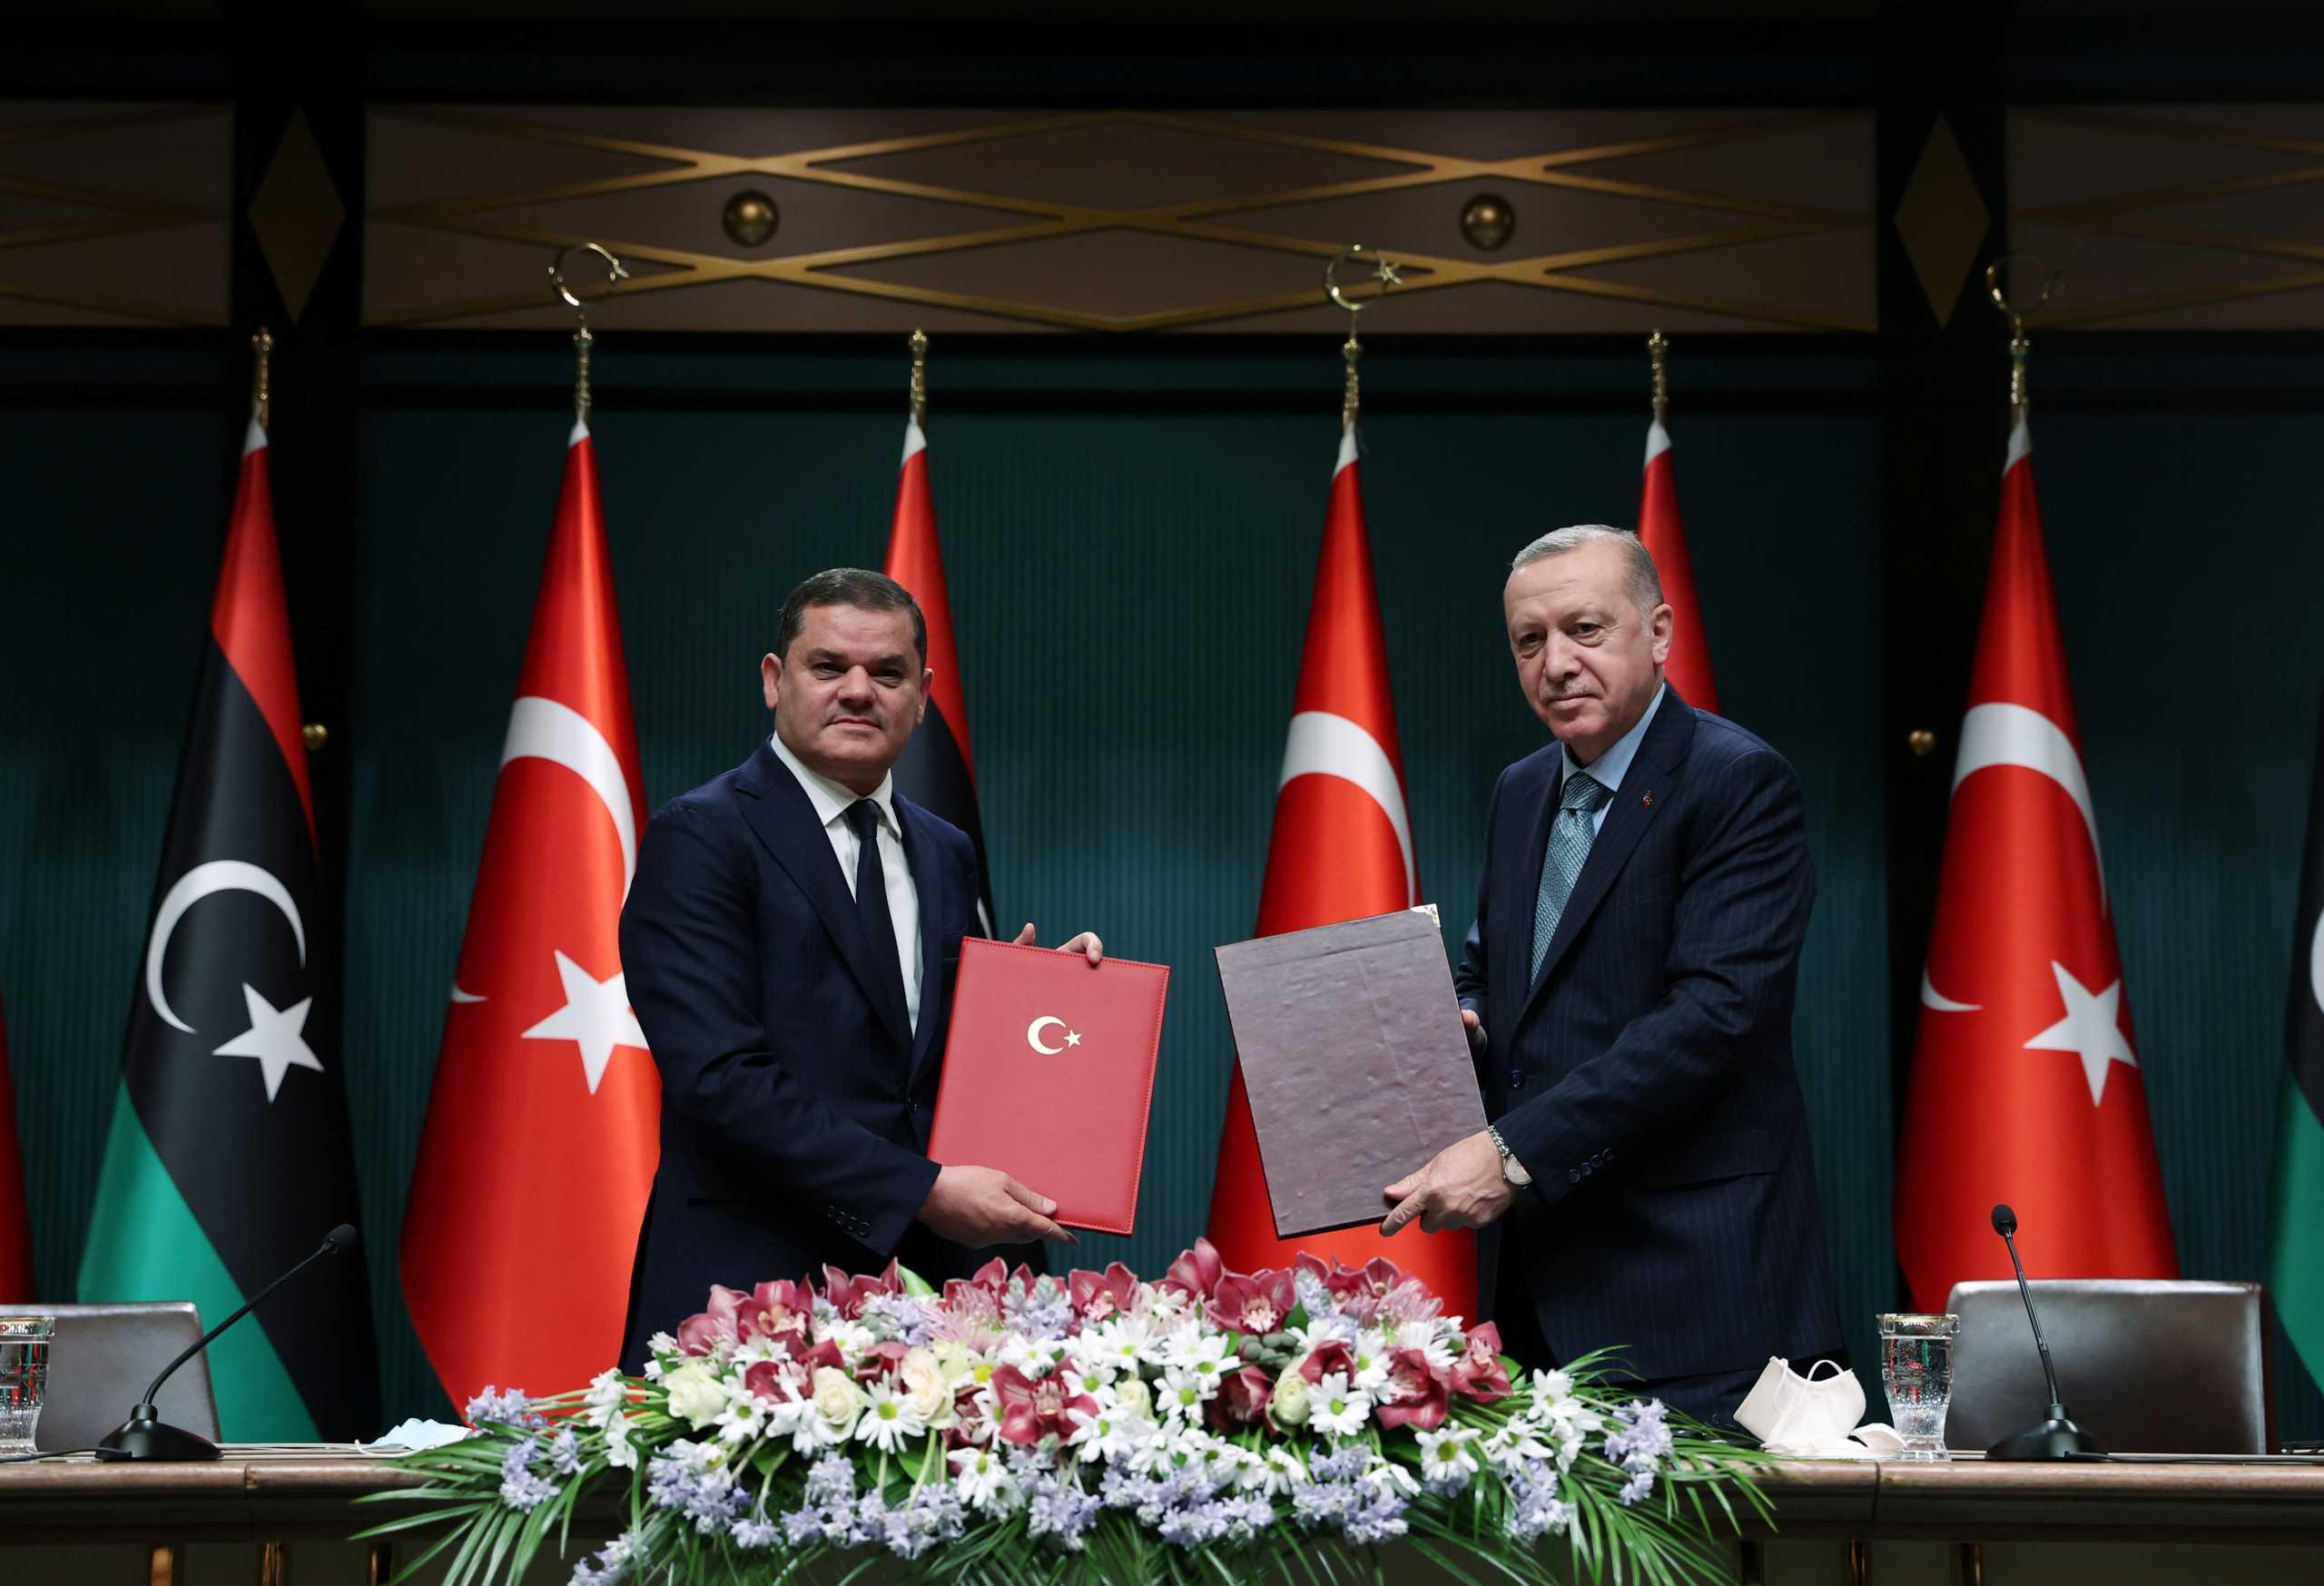 Ερντογάν: Τουρκία και Λιβύη είναι δεσμευμένες στο μνημόνιο οριοθέτησης θαλασσίων ζωνών!